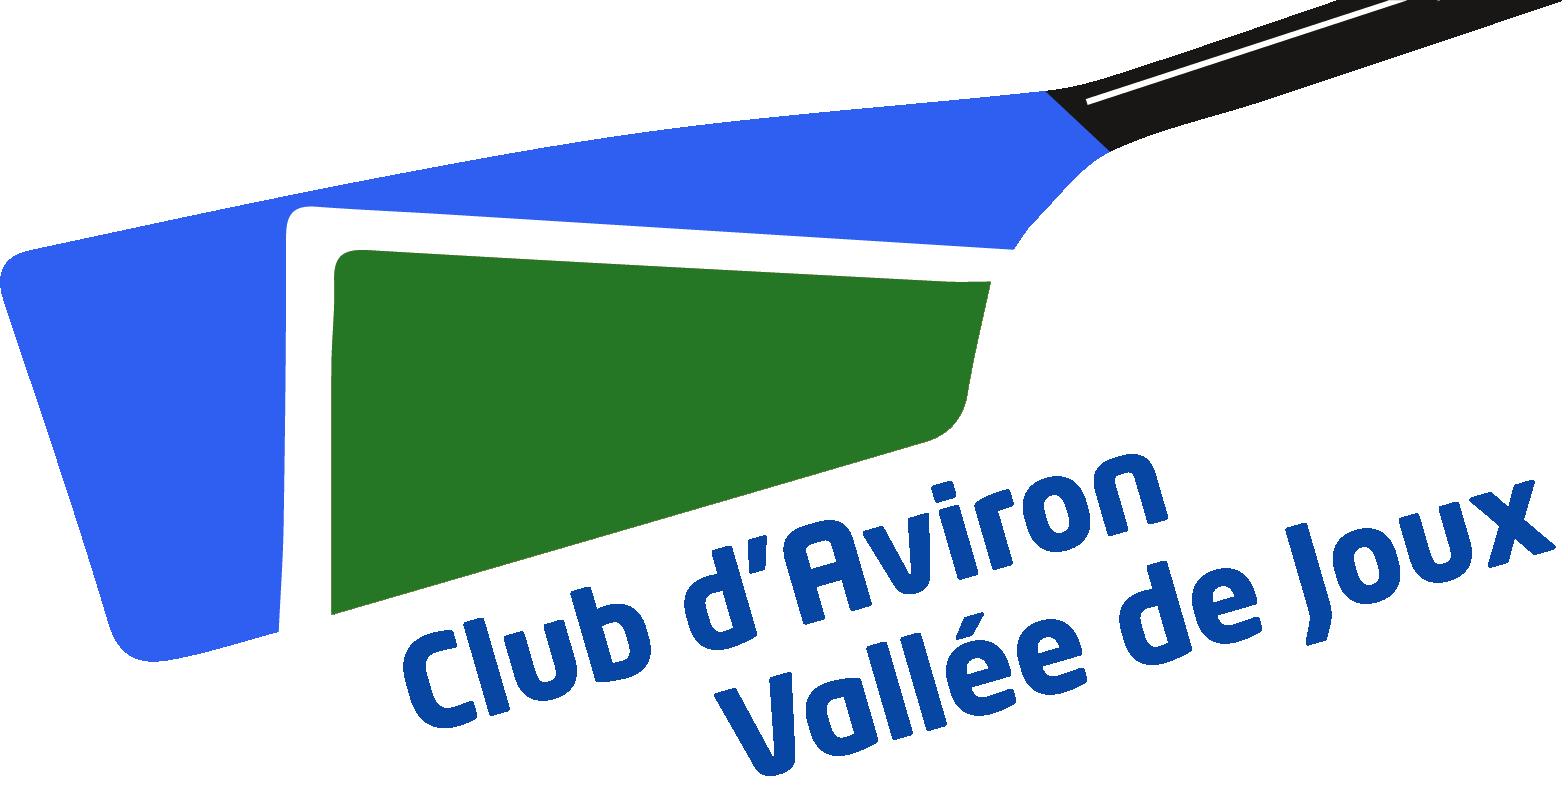 Club d'aviron de la Vallée de Joux